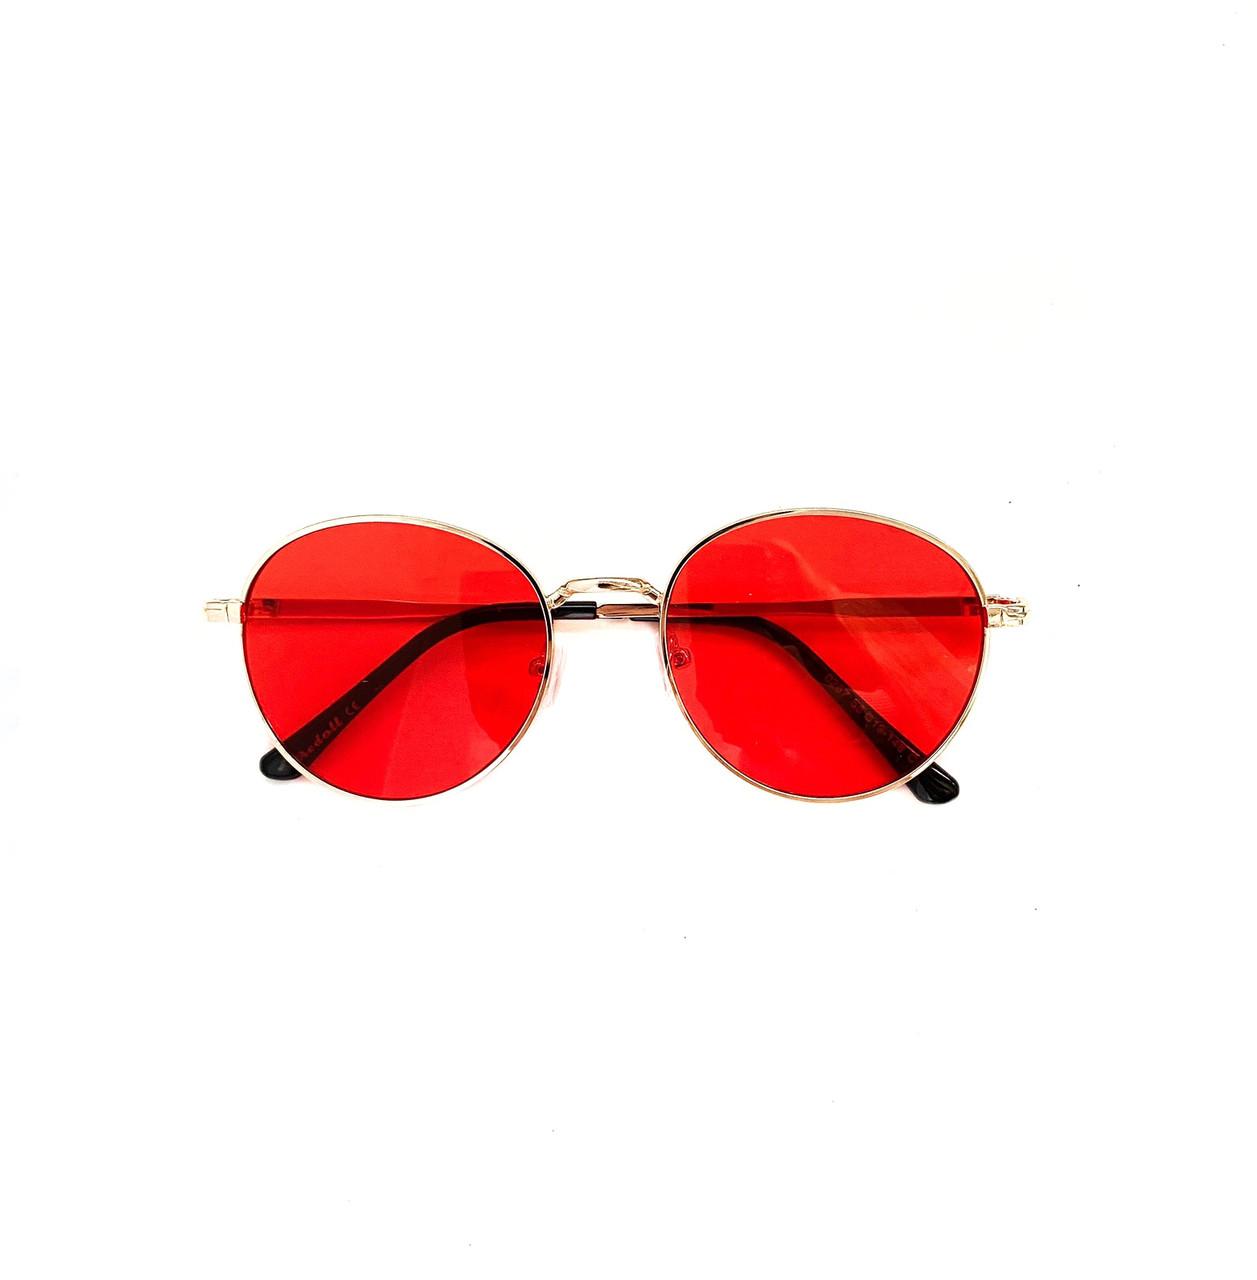 Имиджевые солнцезащитные красные очки в золотой металлической оправе vN7940